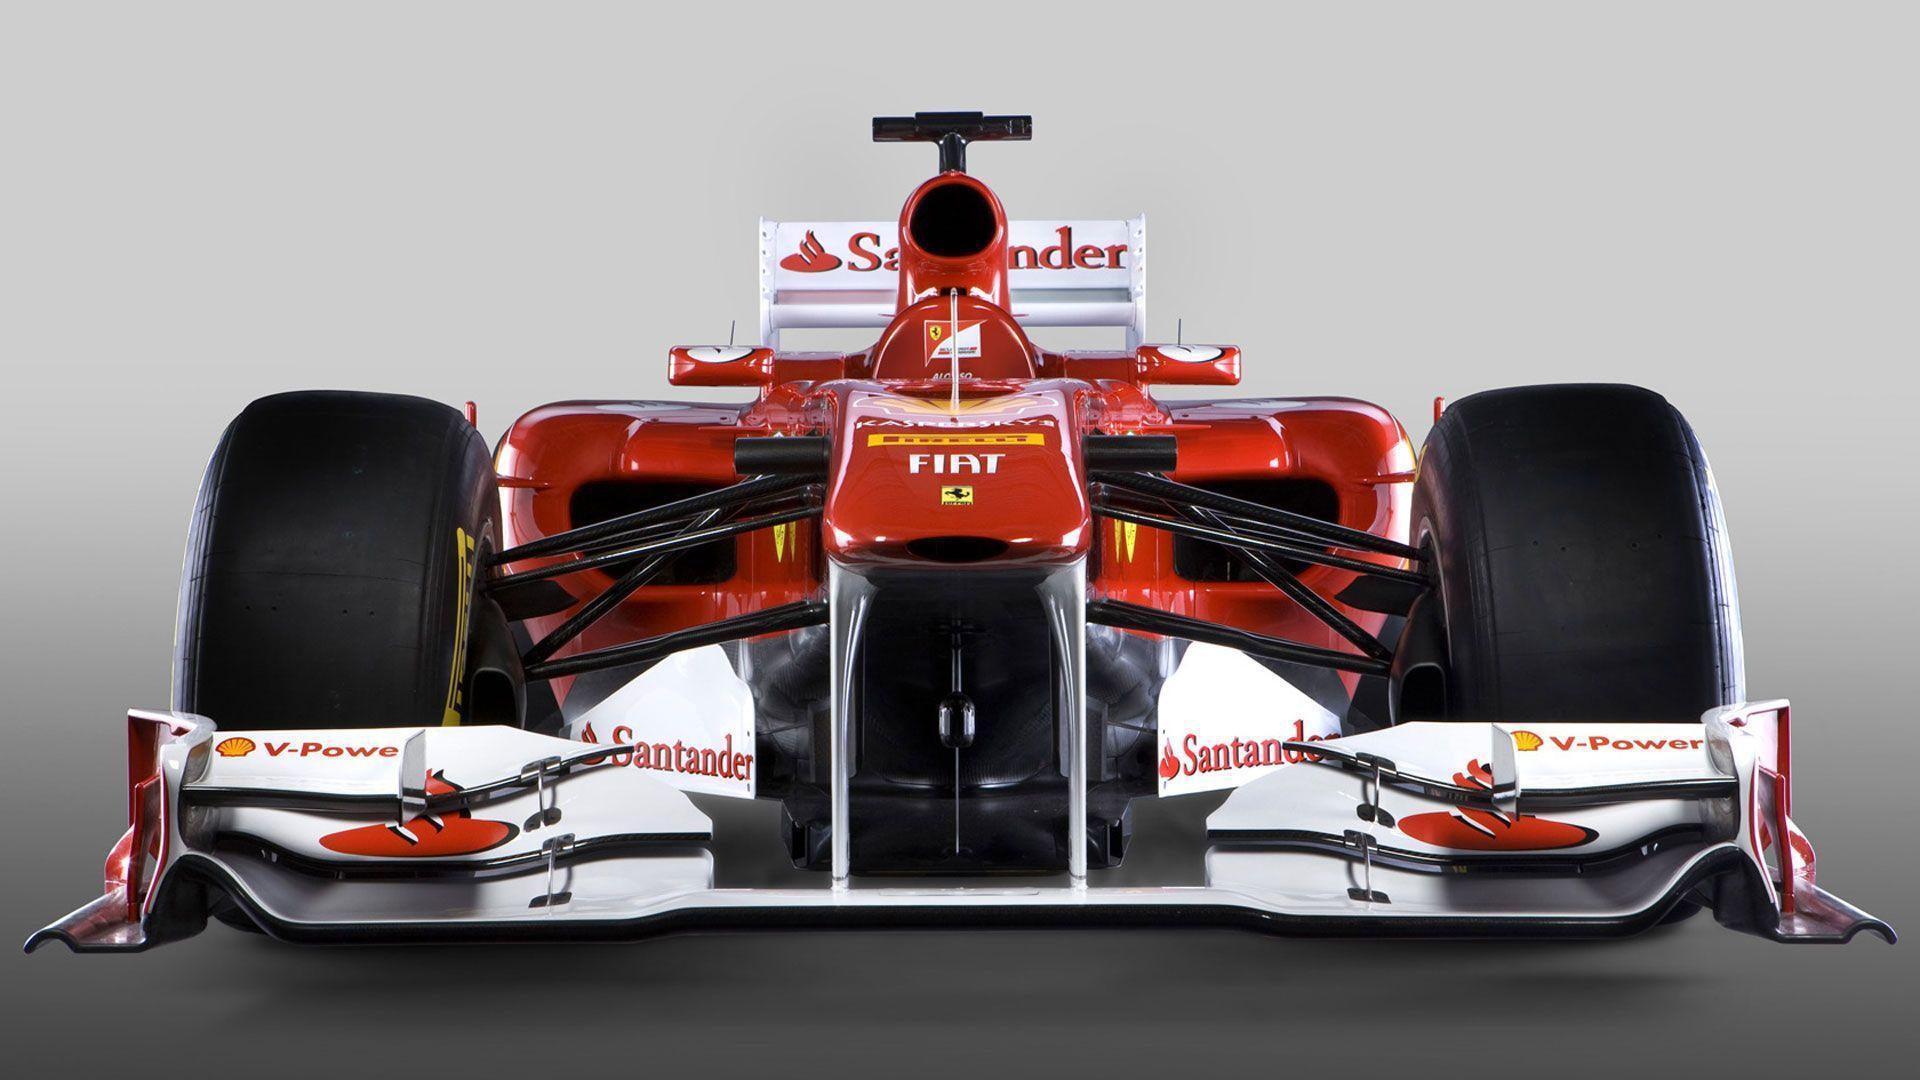 F1 Ferrari Wallpapers Wallpaper Cave